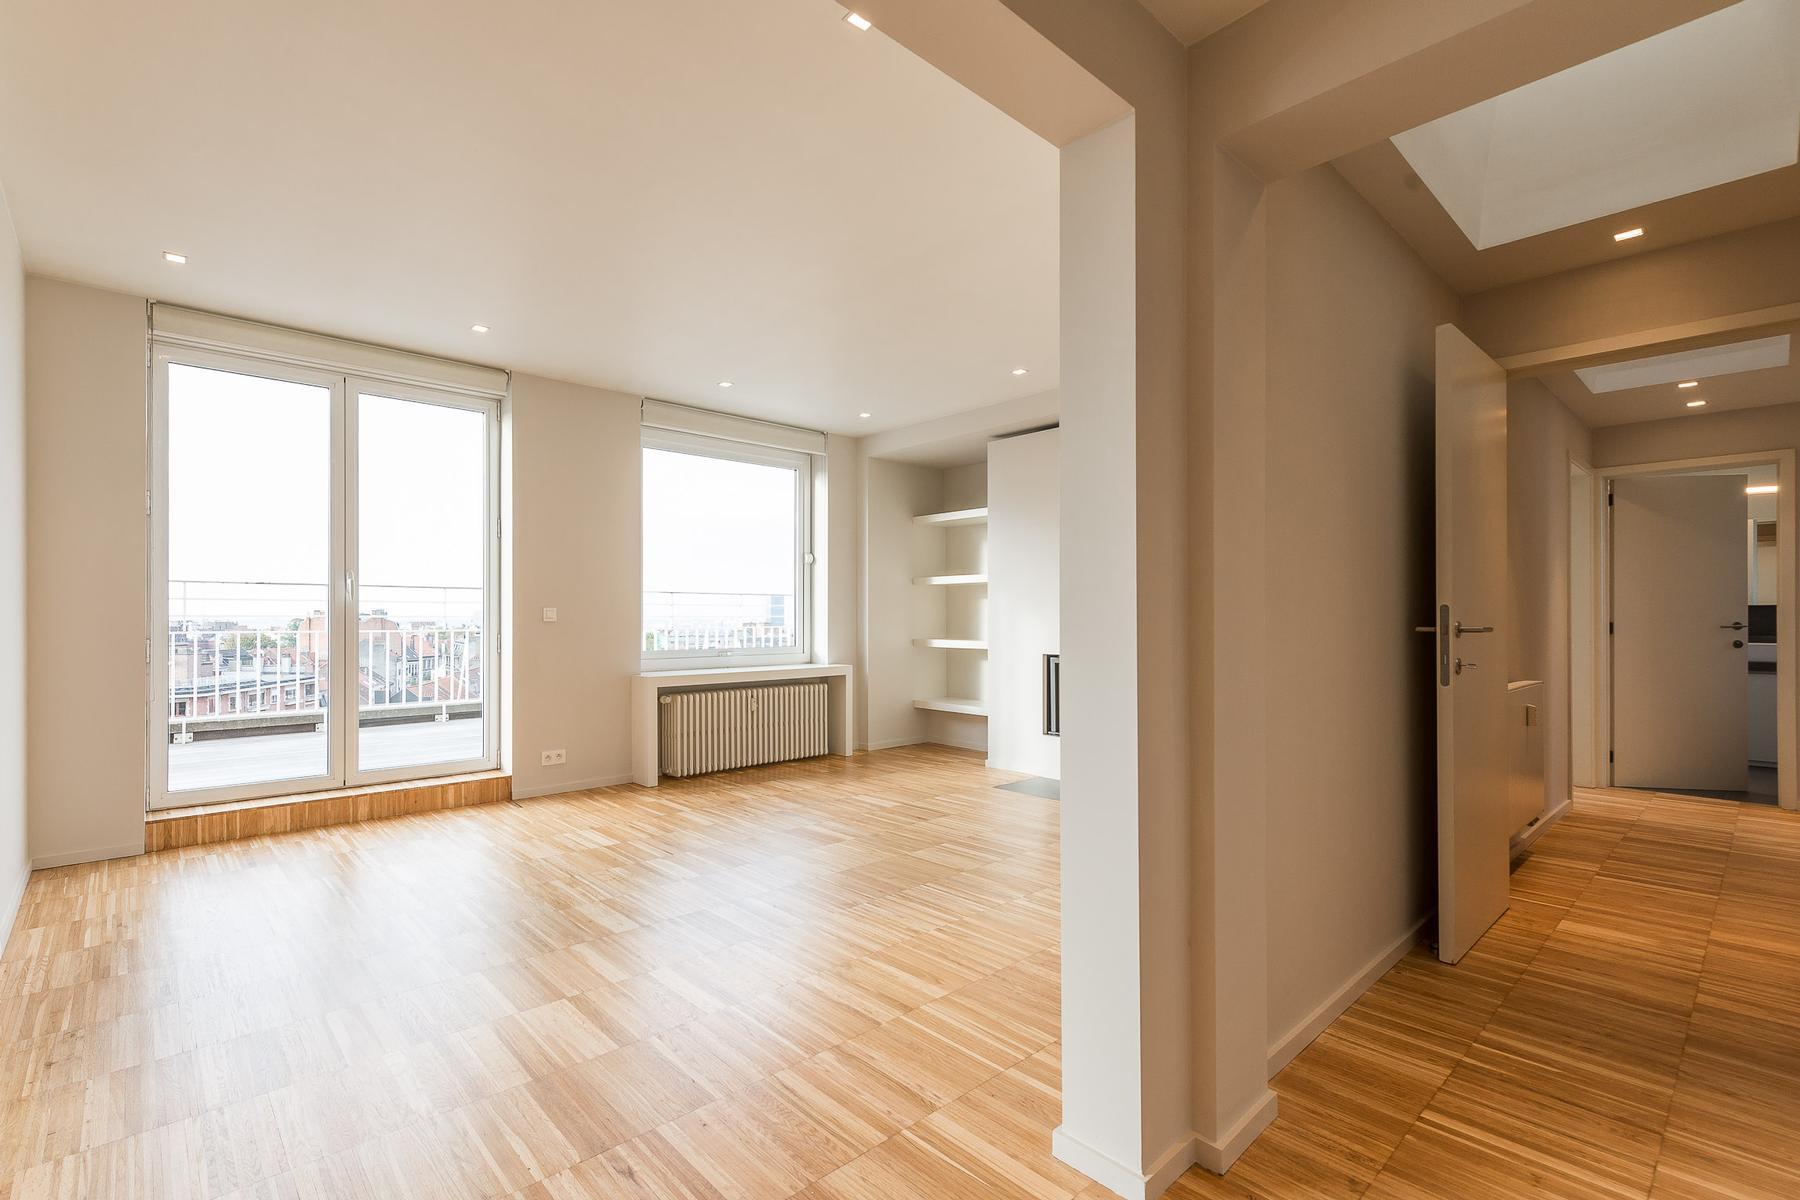 شقة للـ Rent في Ixelles I Place Brugmann Brussels, Brussels, 1050 Belgium